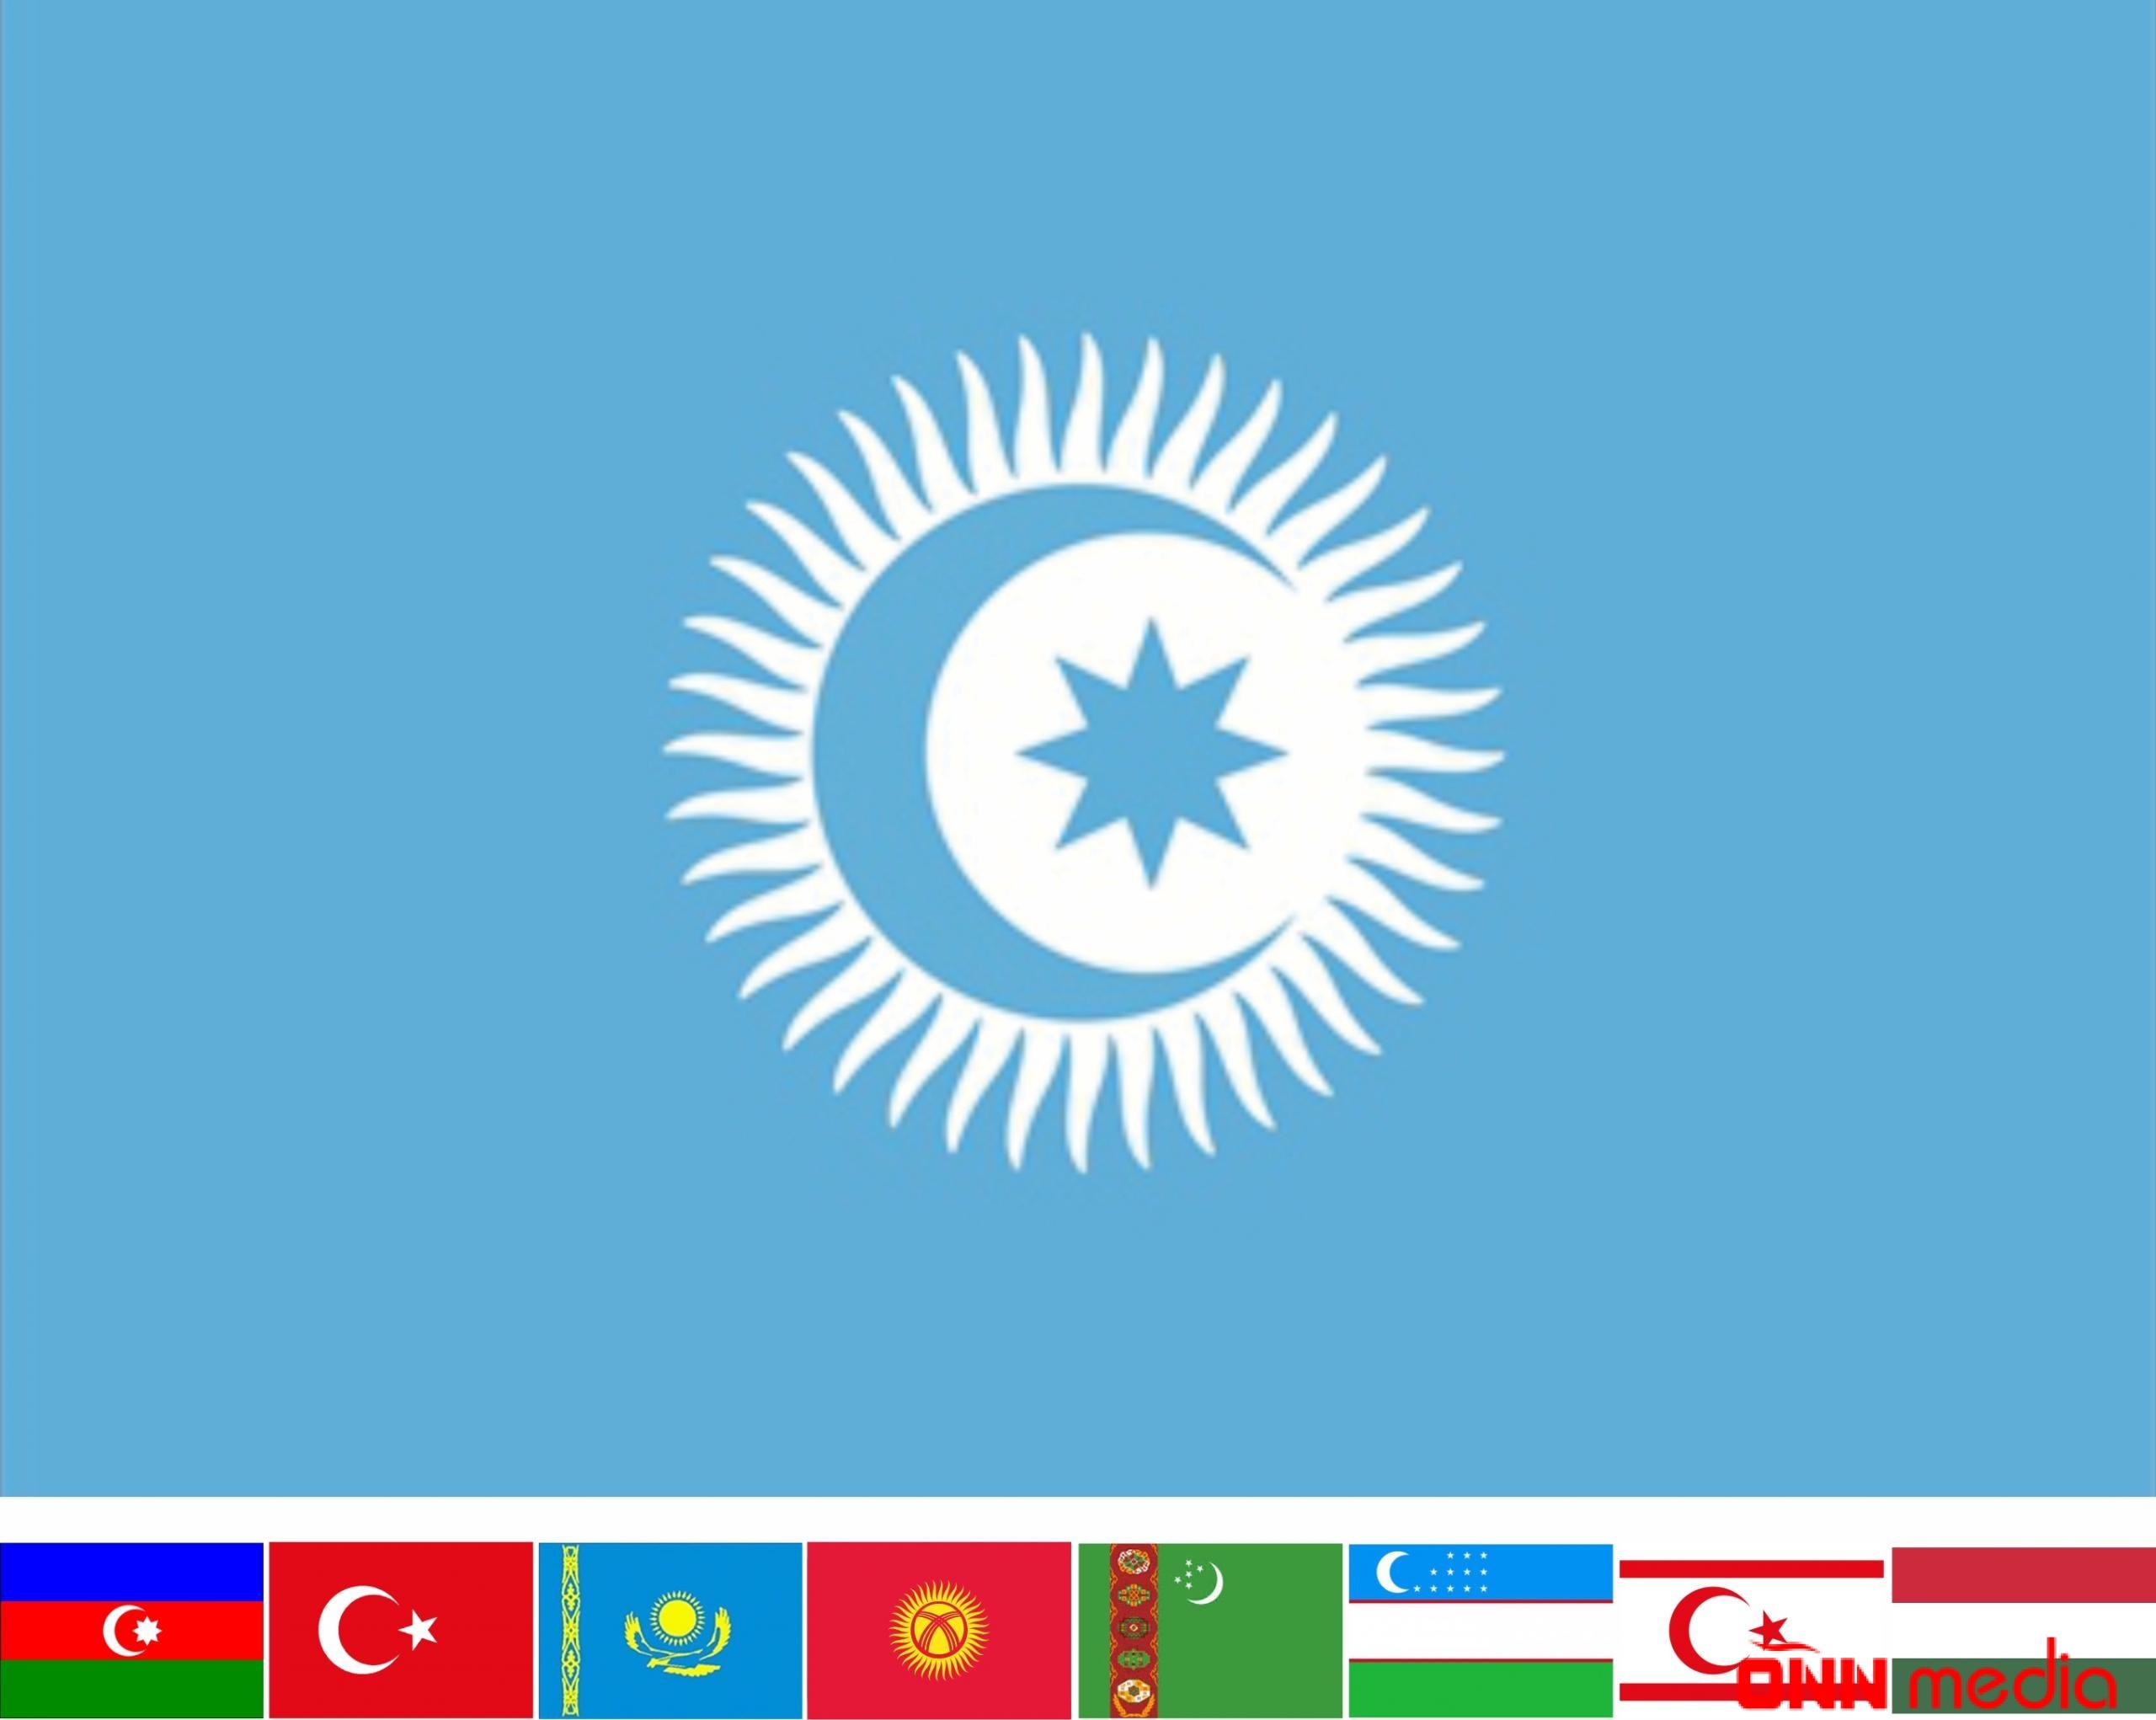 Bayrağını bayrağımın yanına as, KARDEŞ !!! – Azerbaycan Türkünün tarihi çağrısı